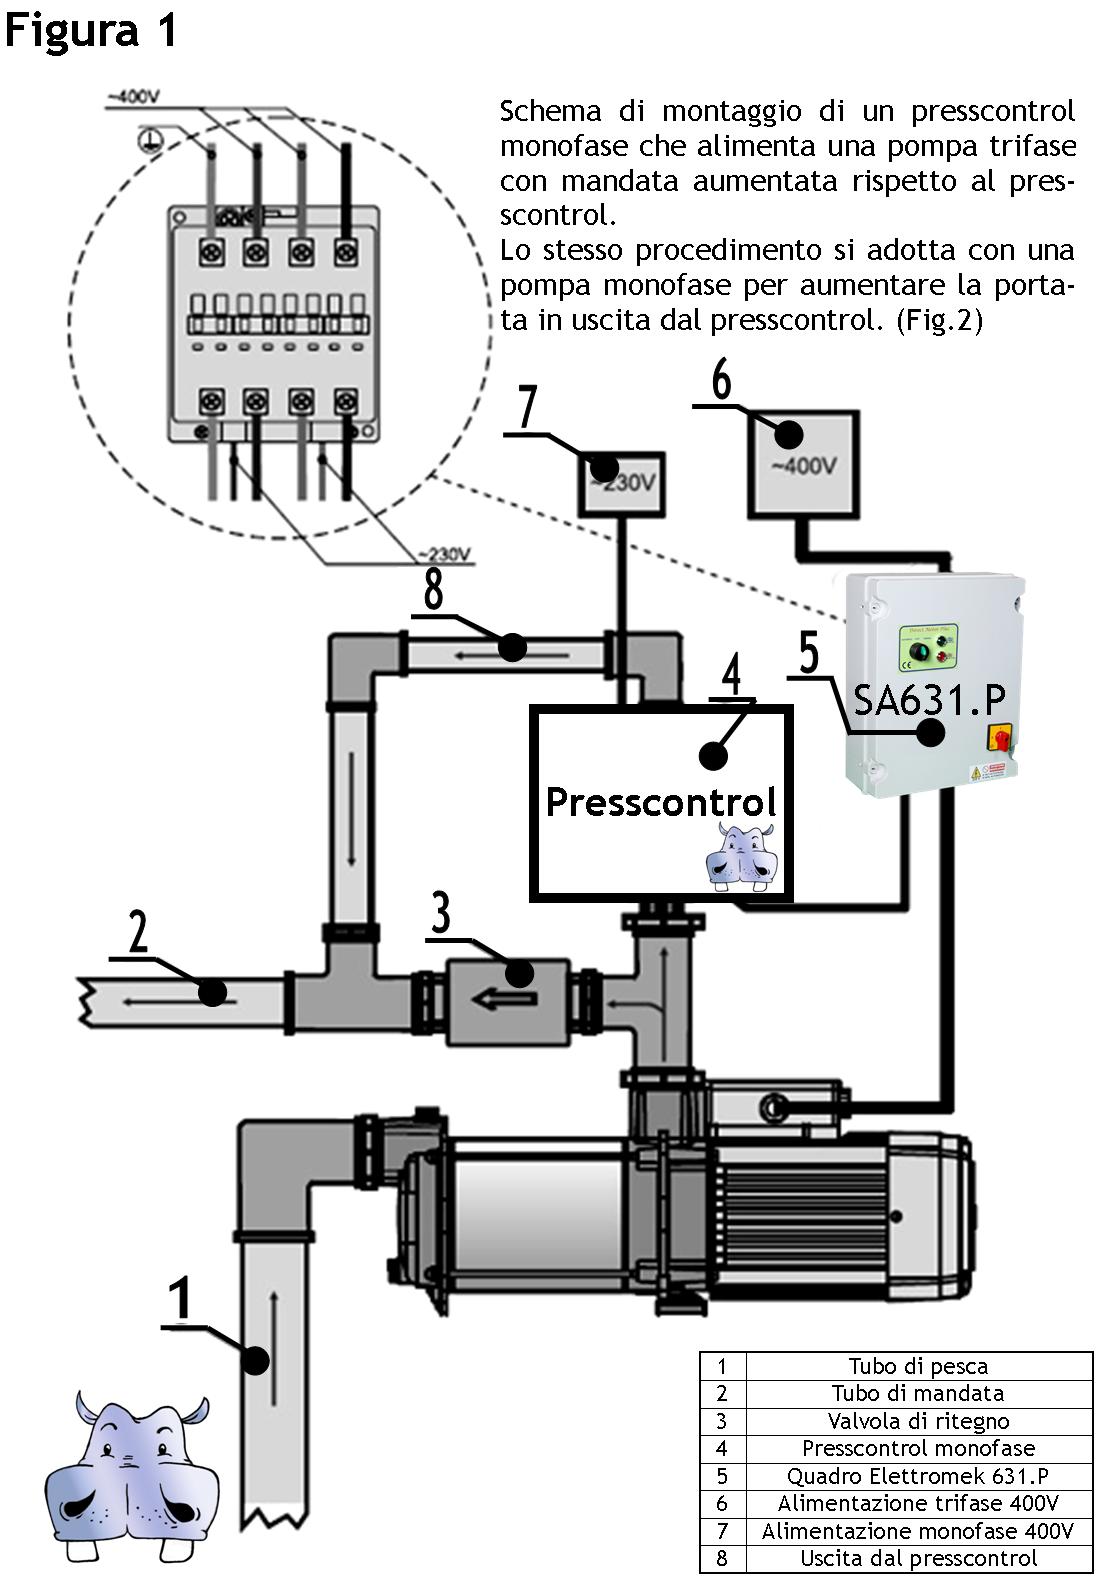 Schemi Elettrici Elettrodomestici : Domácí vodárna s press control diskuze tzb info